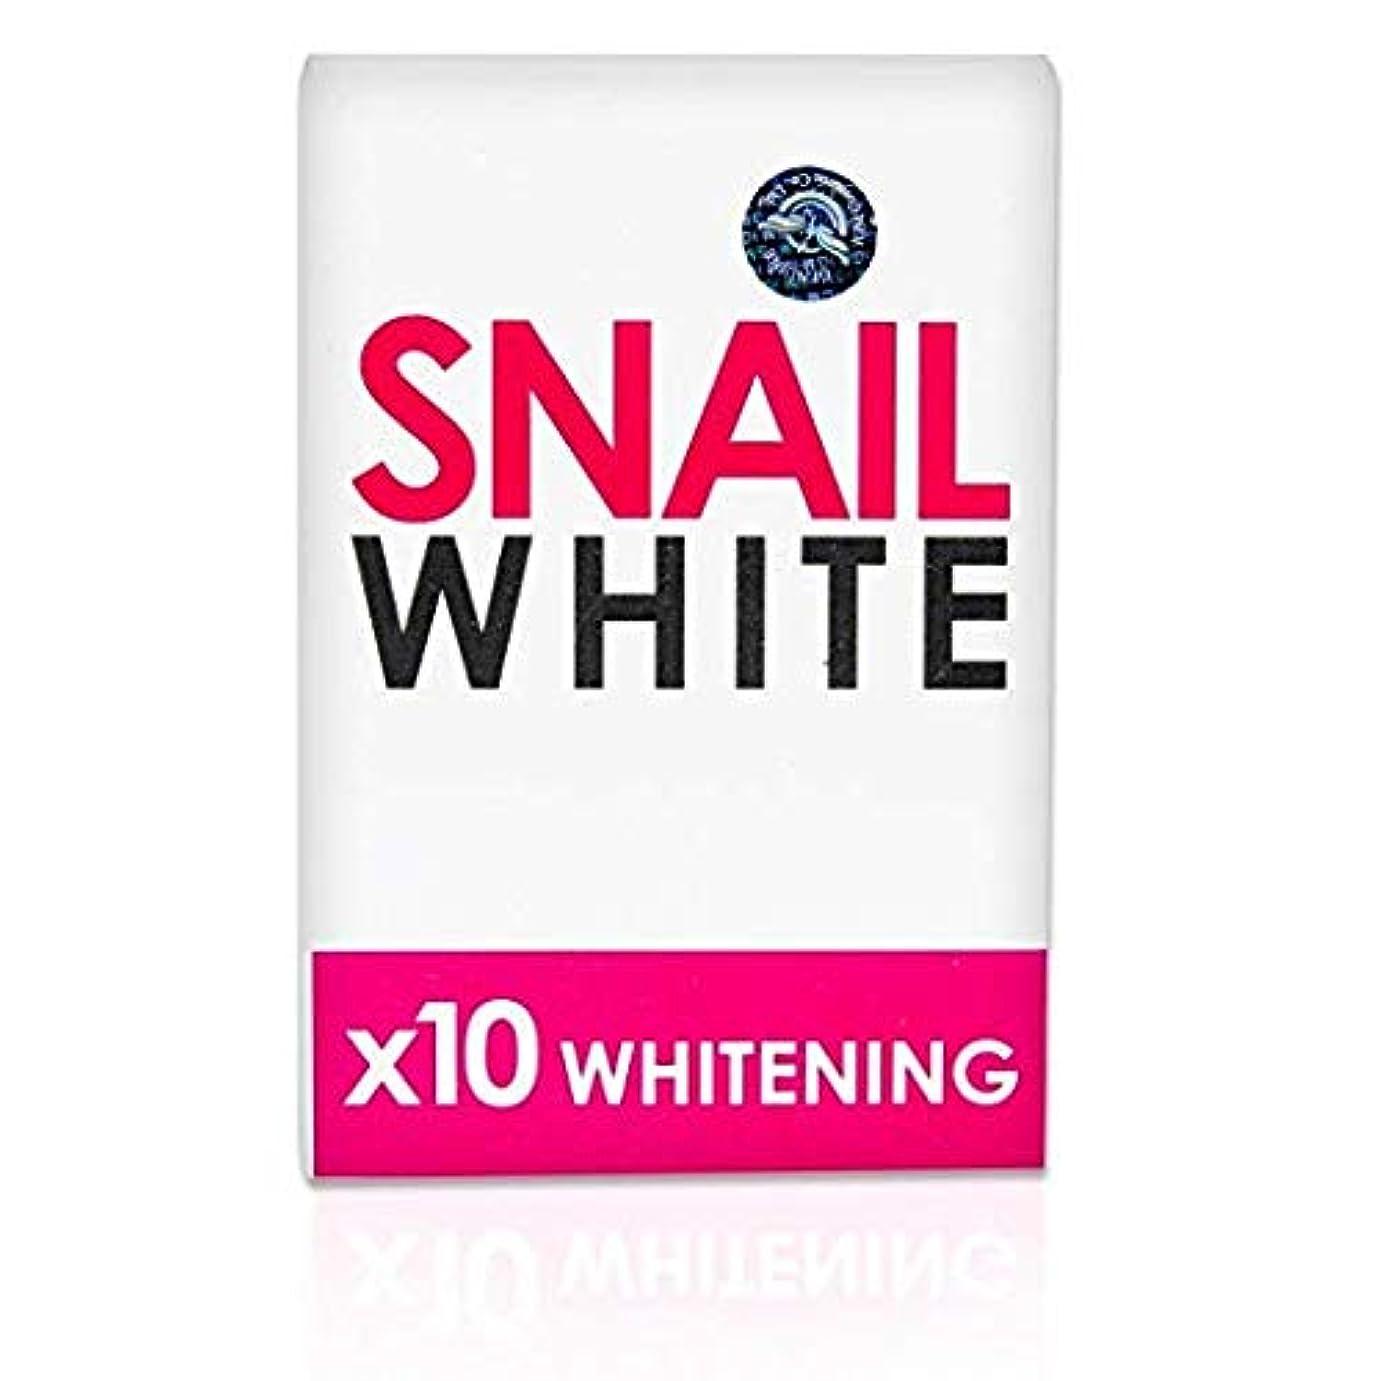 いろいろストラトフォードオンエイボンポンドスネイルホワイト Gluta Snail White x10 Whitening by Dream ホワイトニング 固形石鹸 2個